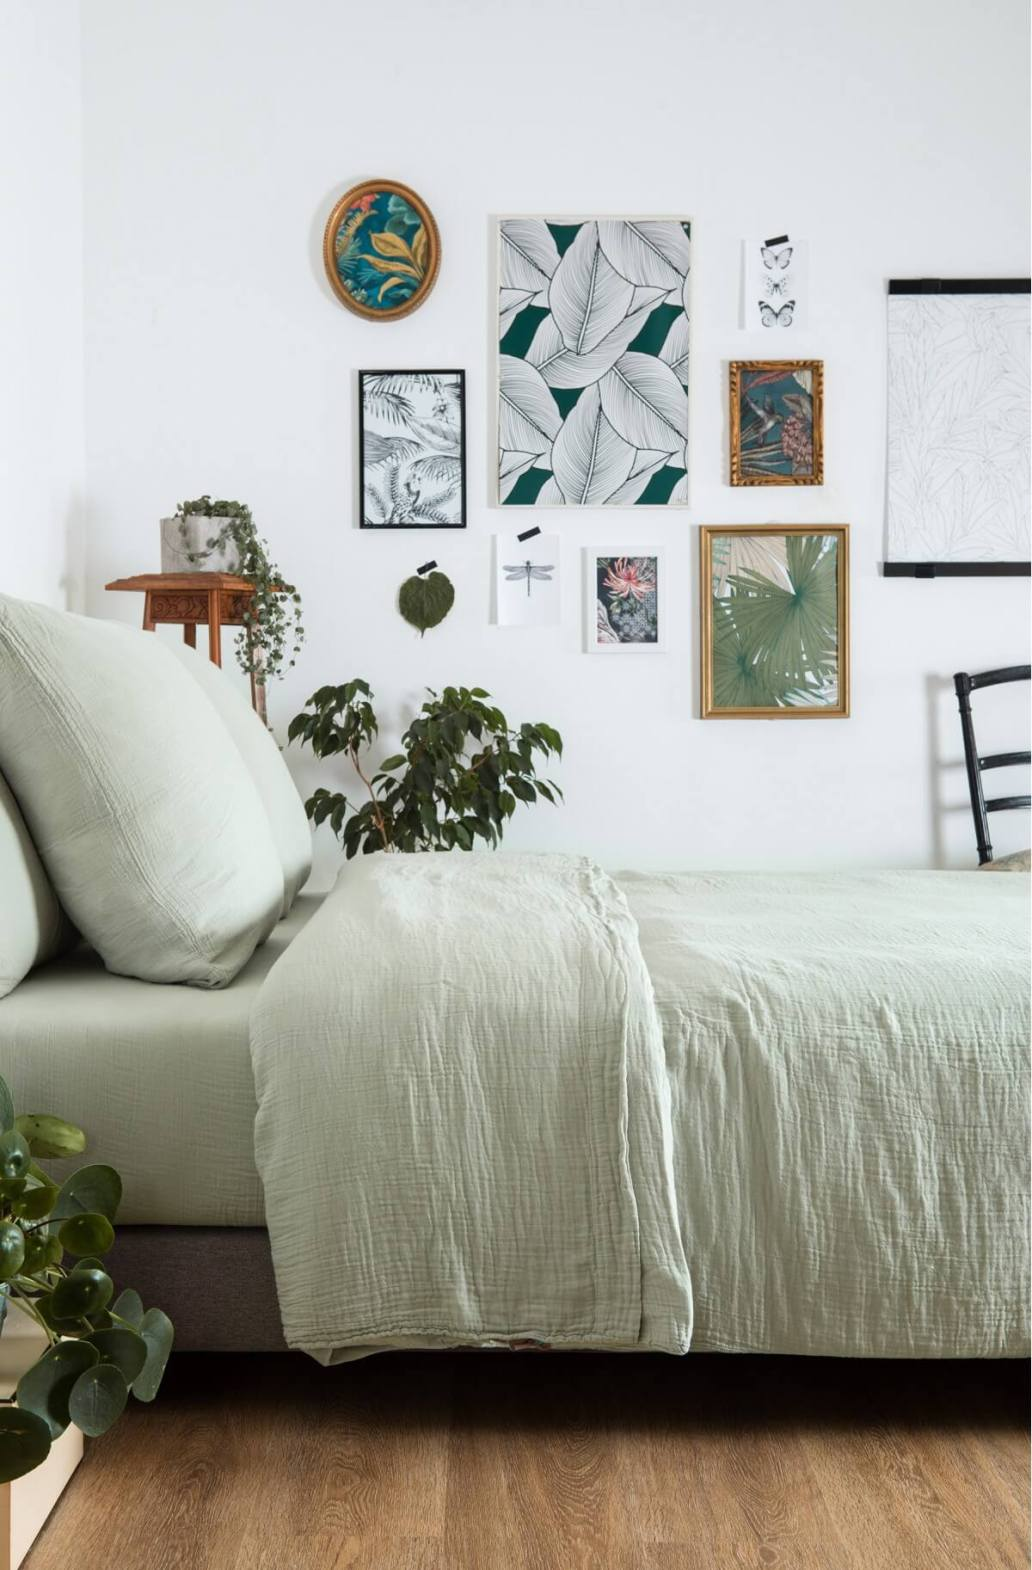 couleurs douces deco - Tendances meubles et décoration 2021 : le grand décryptage